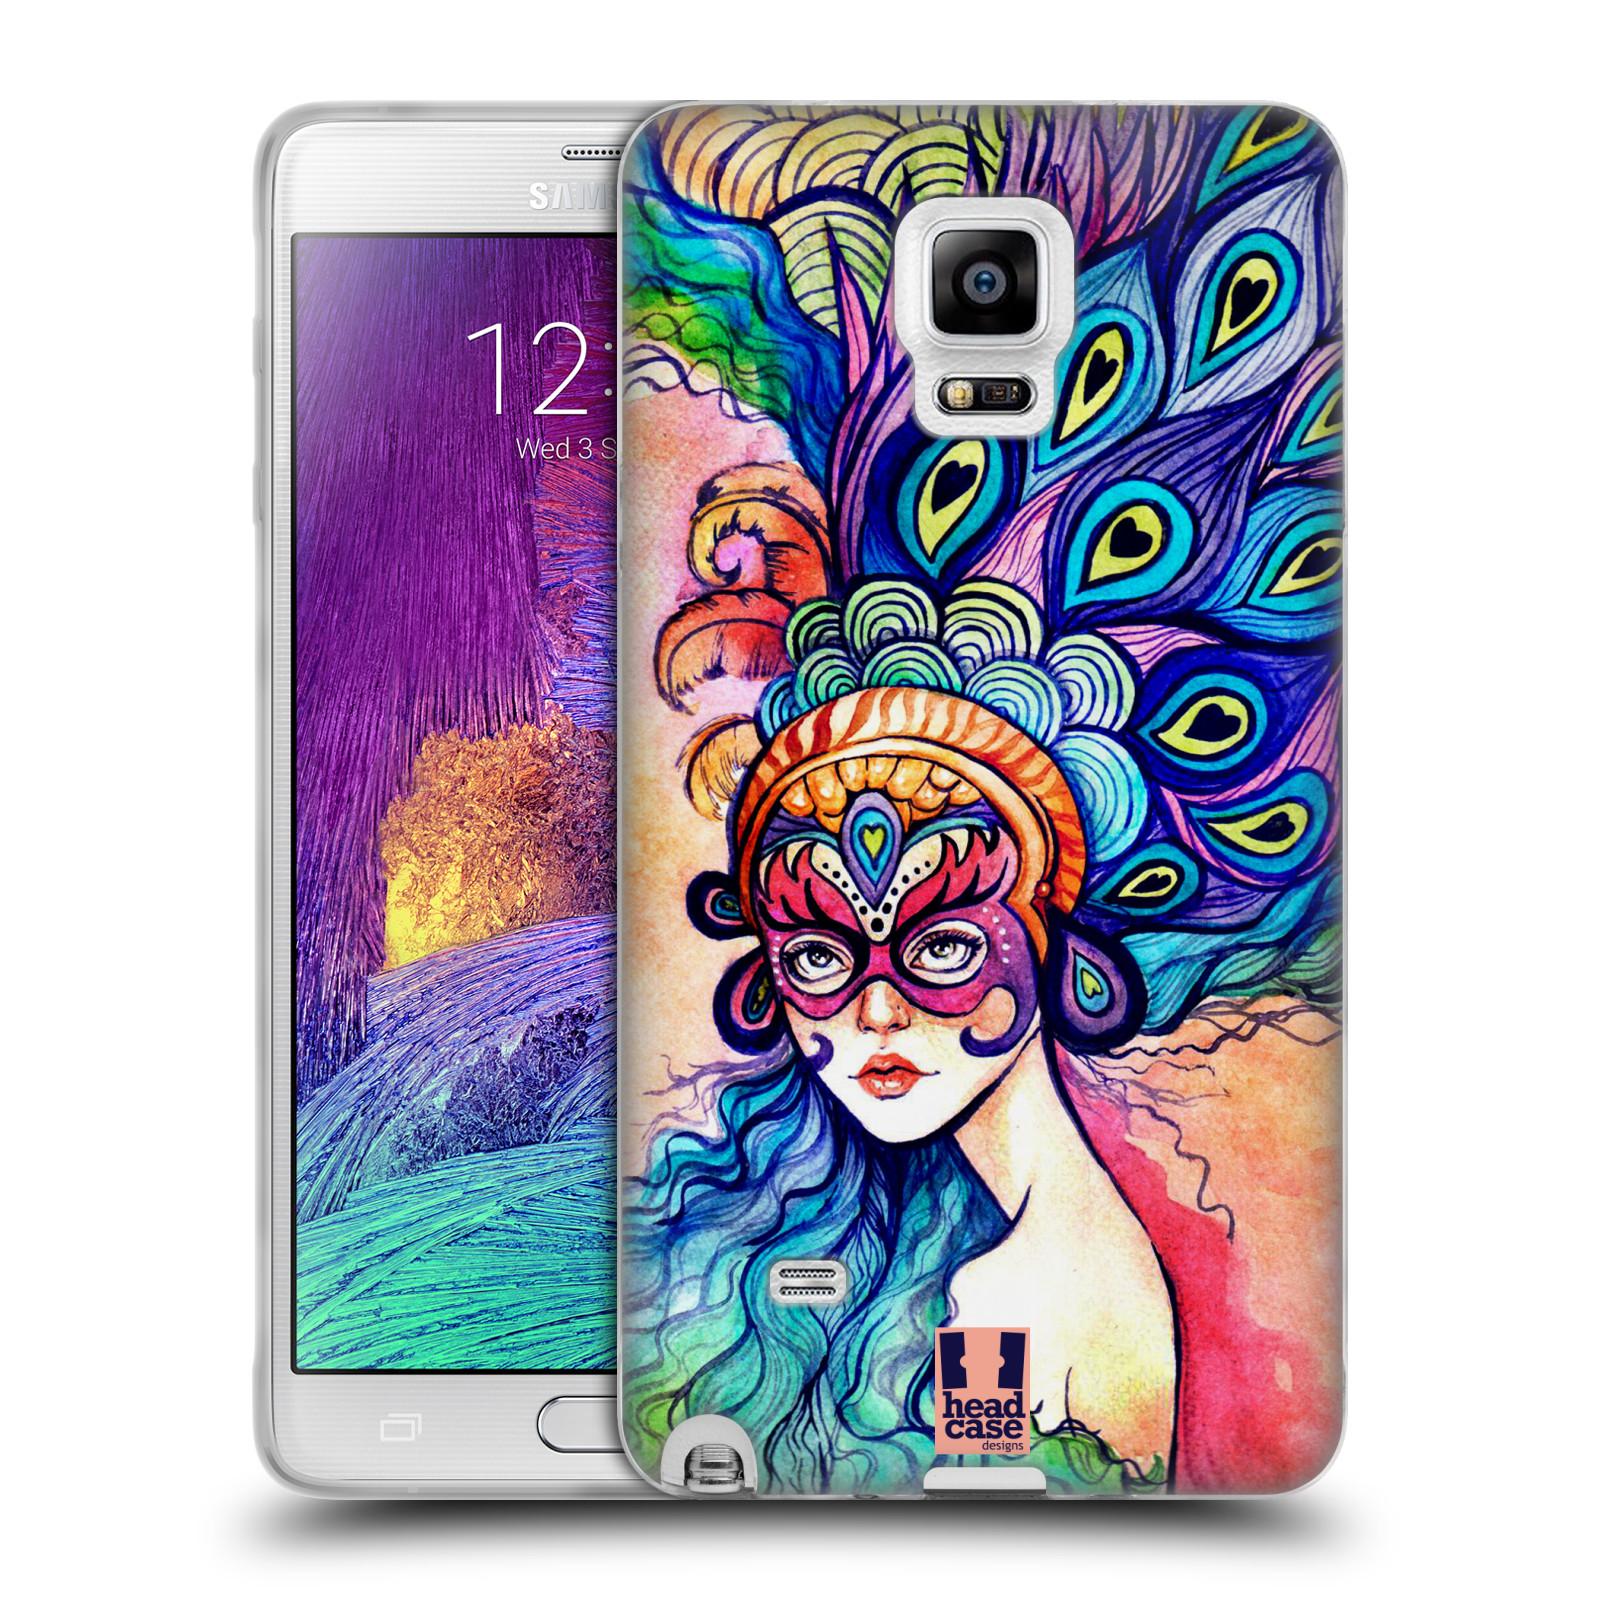 HEAD CASE silikonový obal na mobil Samsung Galaxy Note 4 (N910) vzor Maškarní ples masky kreslené vzory MODRÉ PÍRKA